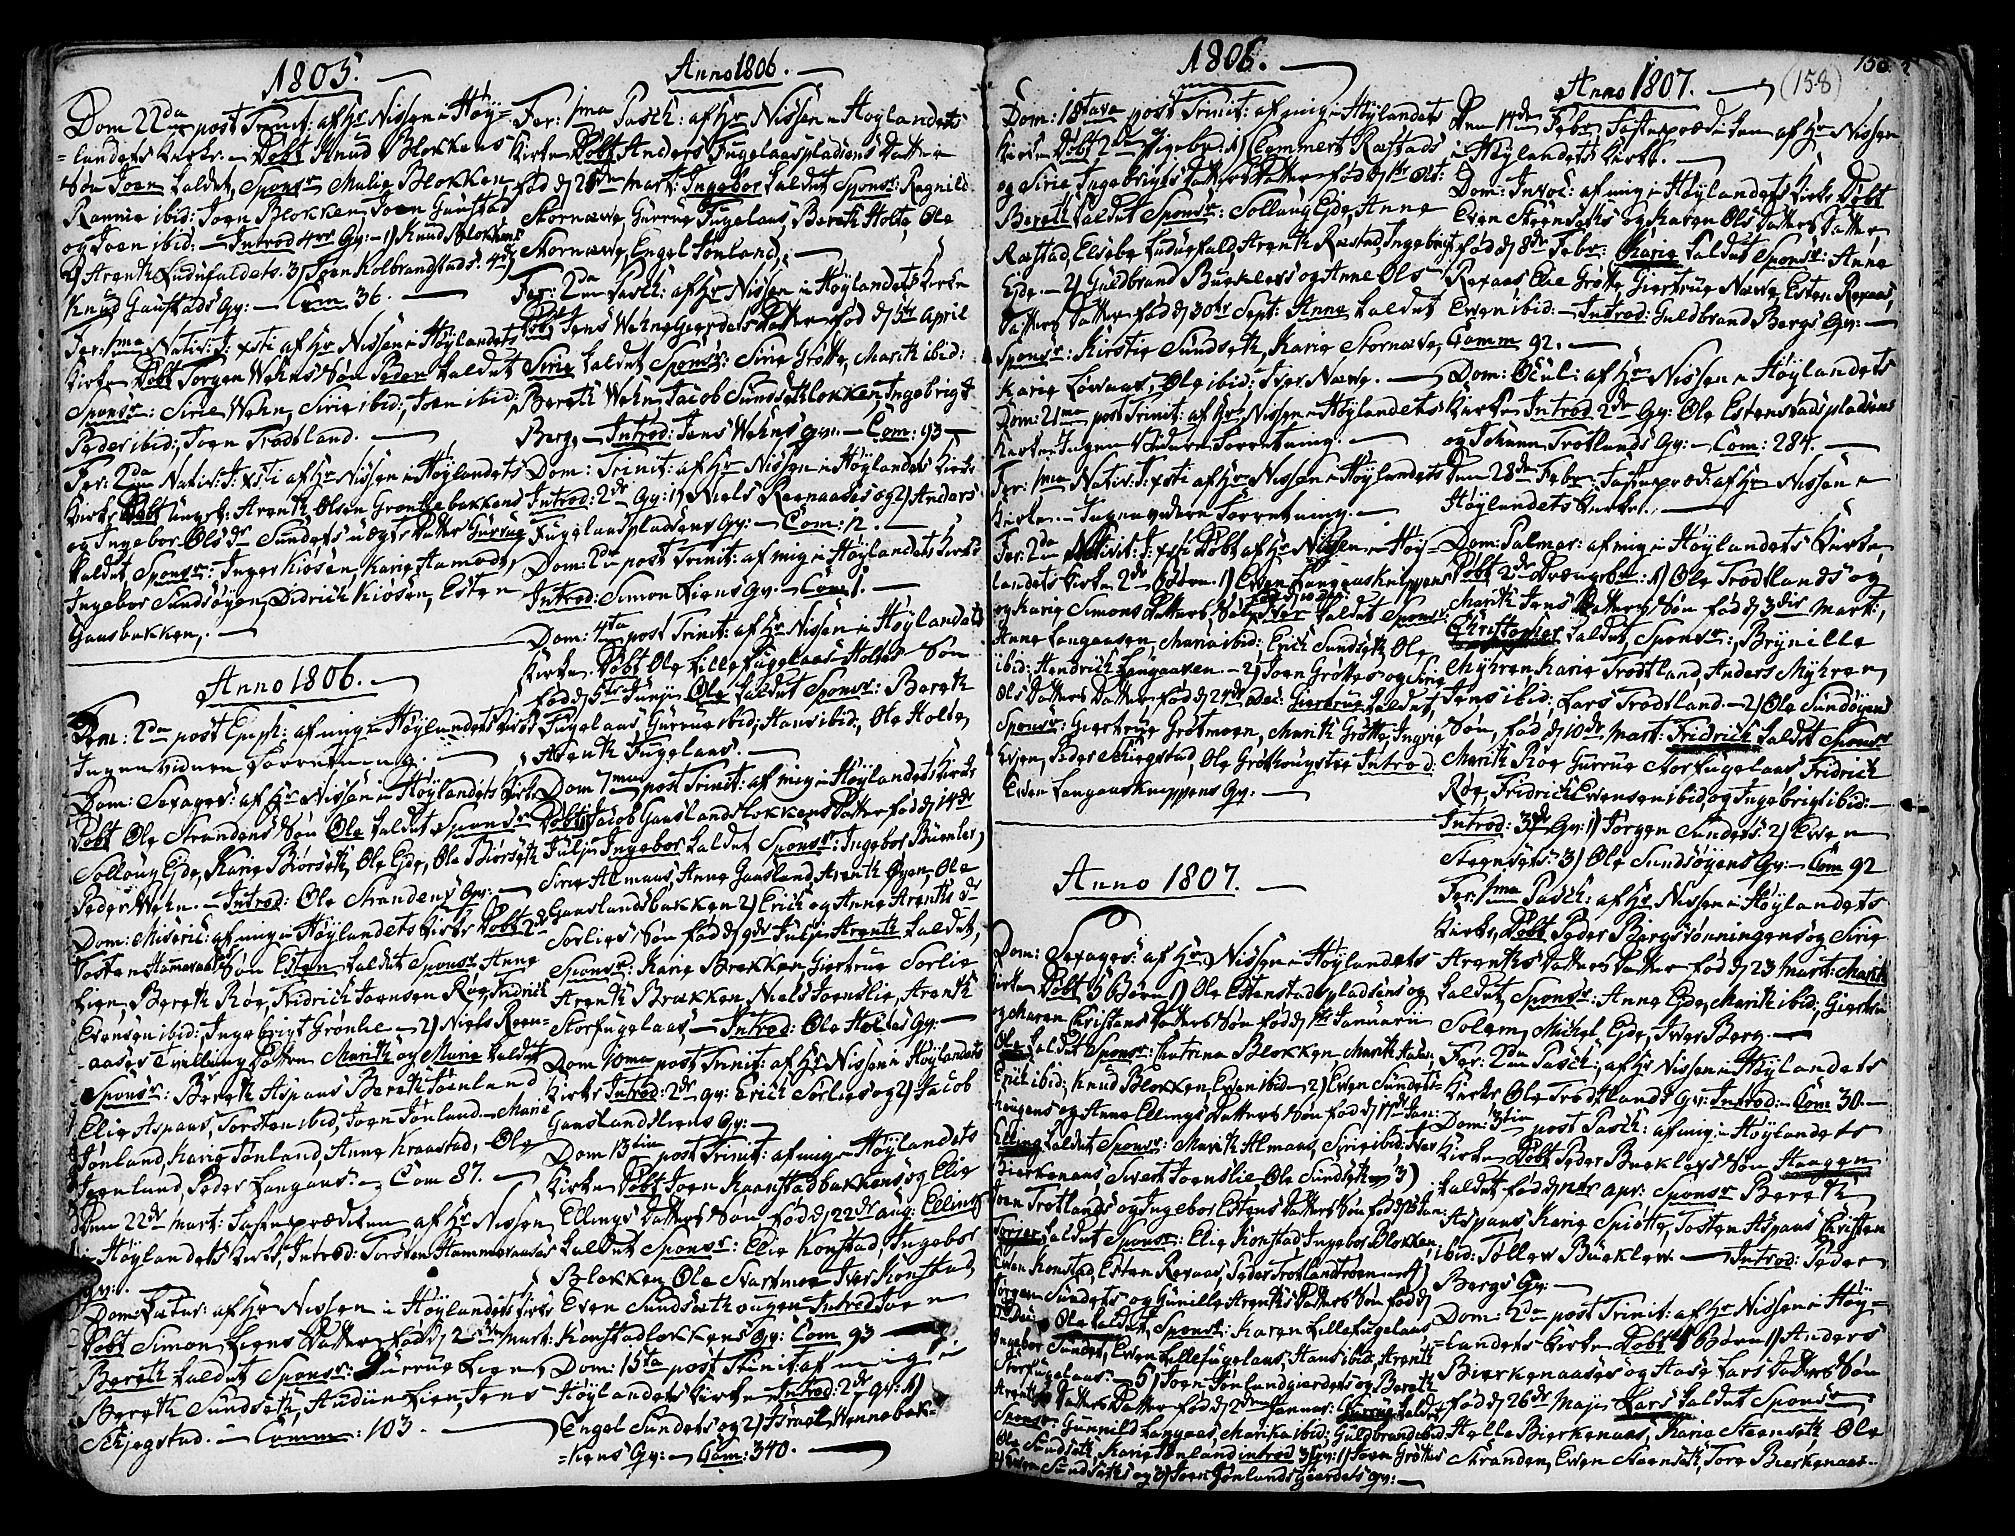 SAT, Ministerialprotokoller, klokkerbøker og fødselsregistre - Sør-Trøndelag, 691/L1064: Ministerialbok nr. 691A02 /4, 1768-1815, s. 158